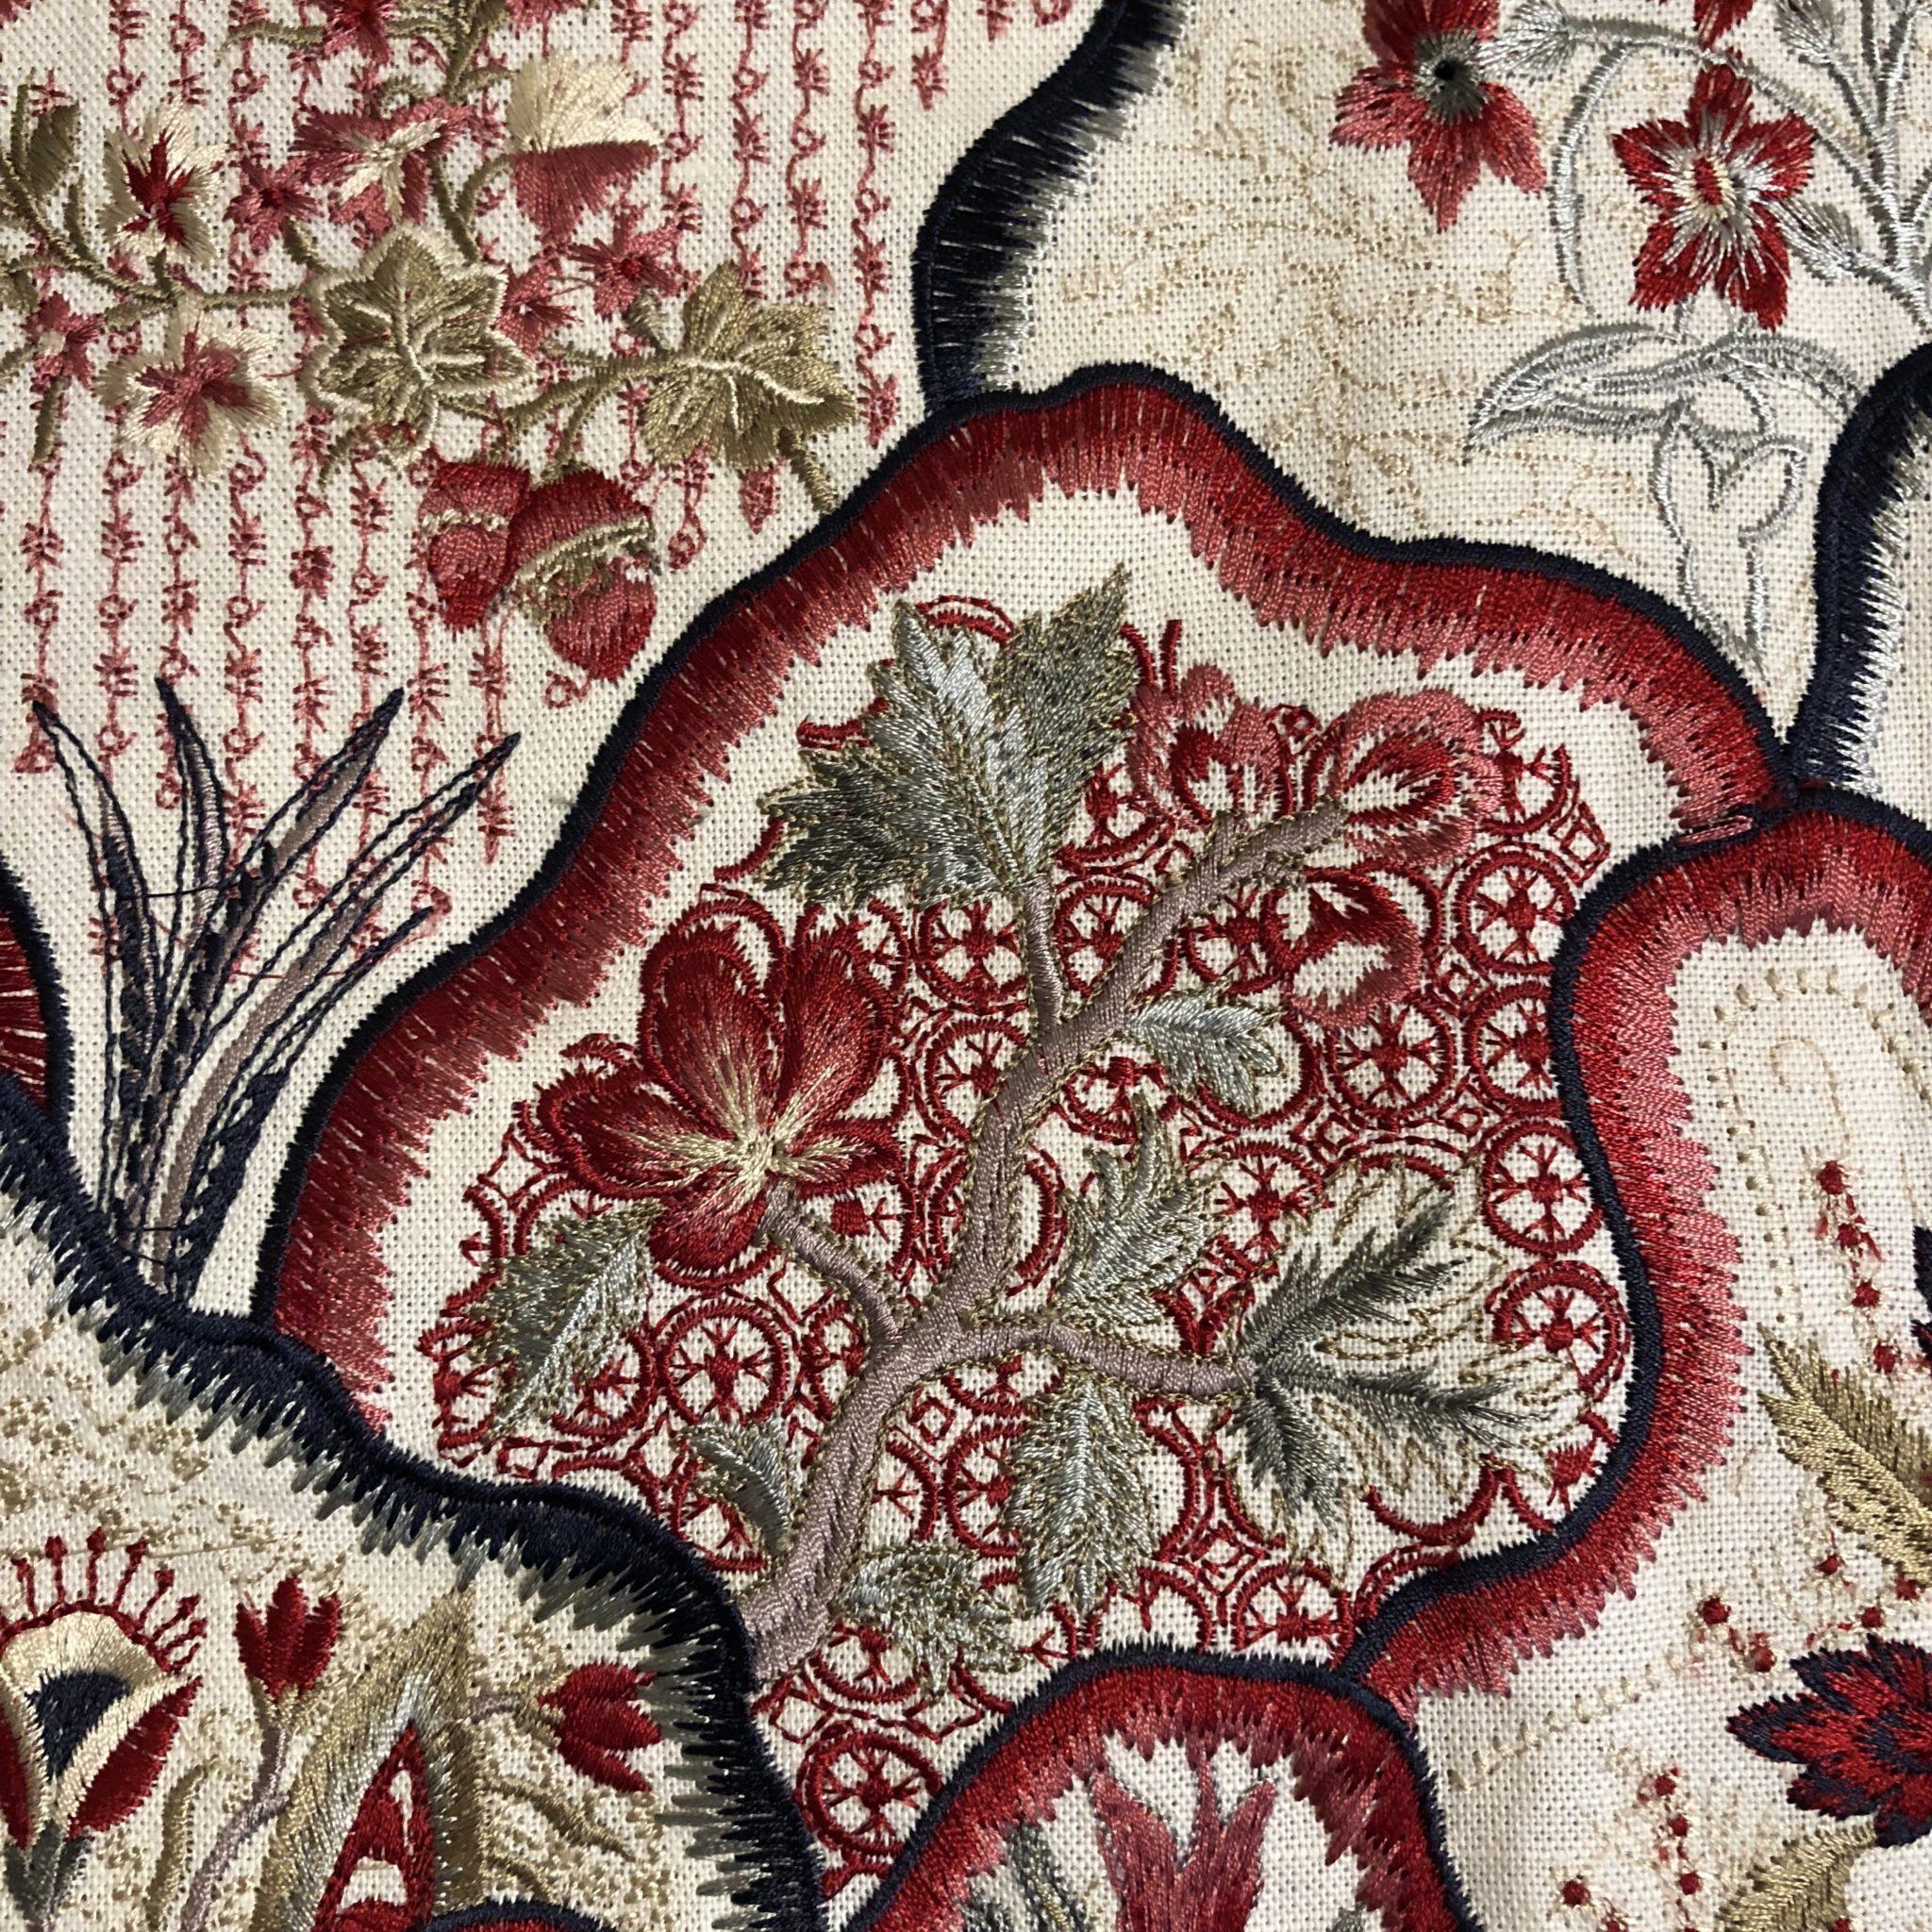 Detail of 'Les Fleurs Bengale' (B7624003 Garan) by Pierre Frey